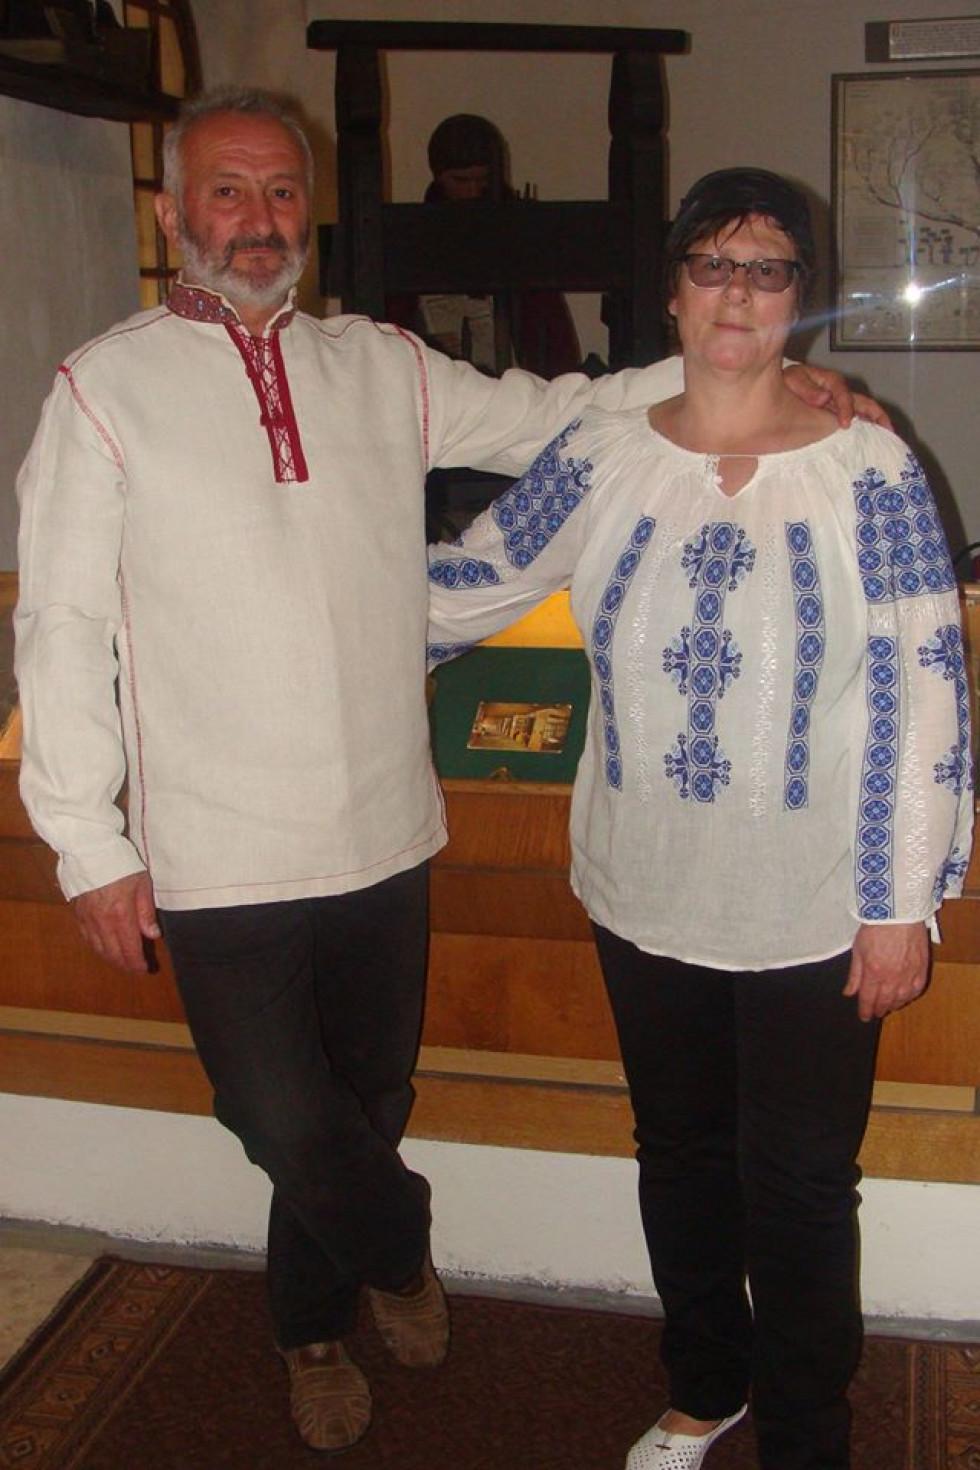 Національний одяг прибрали працівники Музею книги і книгодрукування